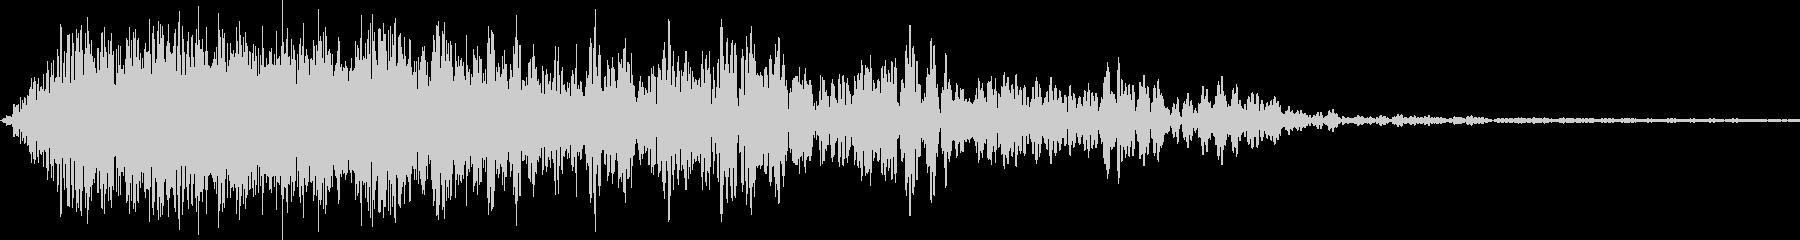 ドラゴンの鳴き声(短め)の未再生の波形